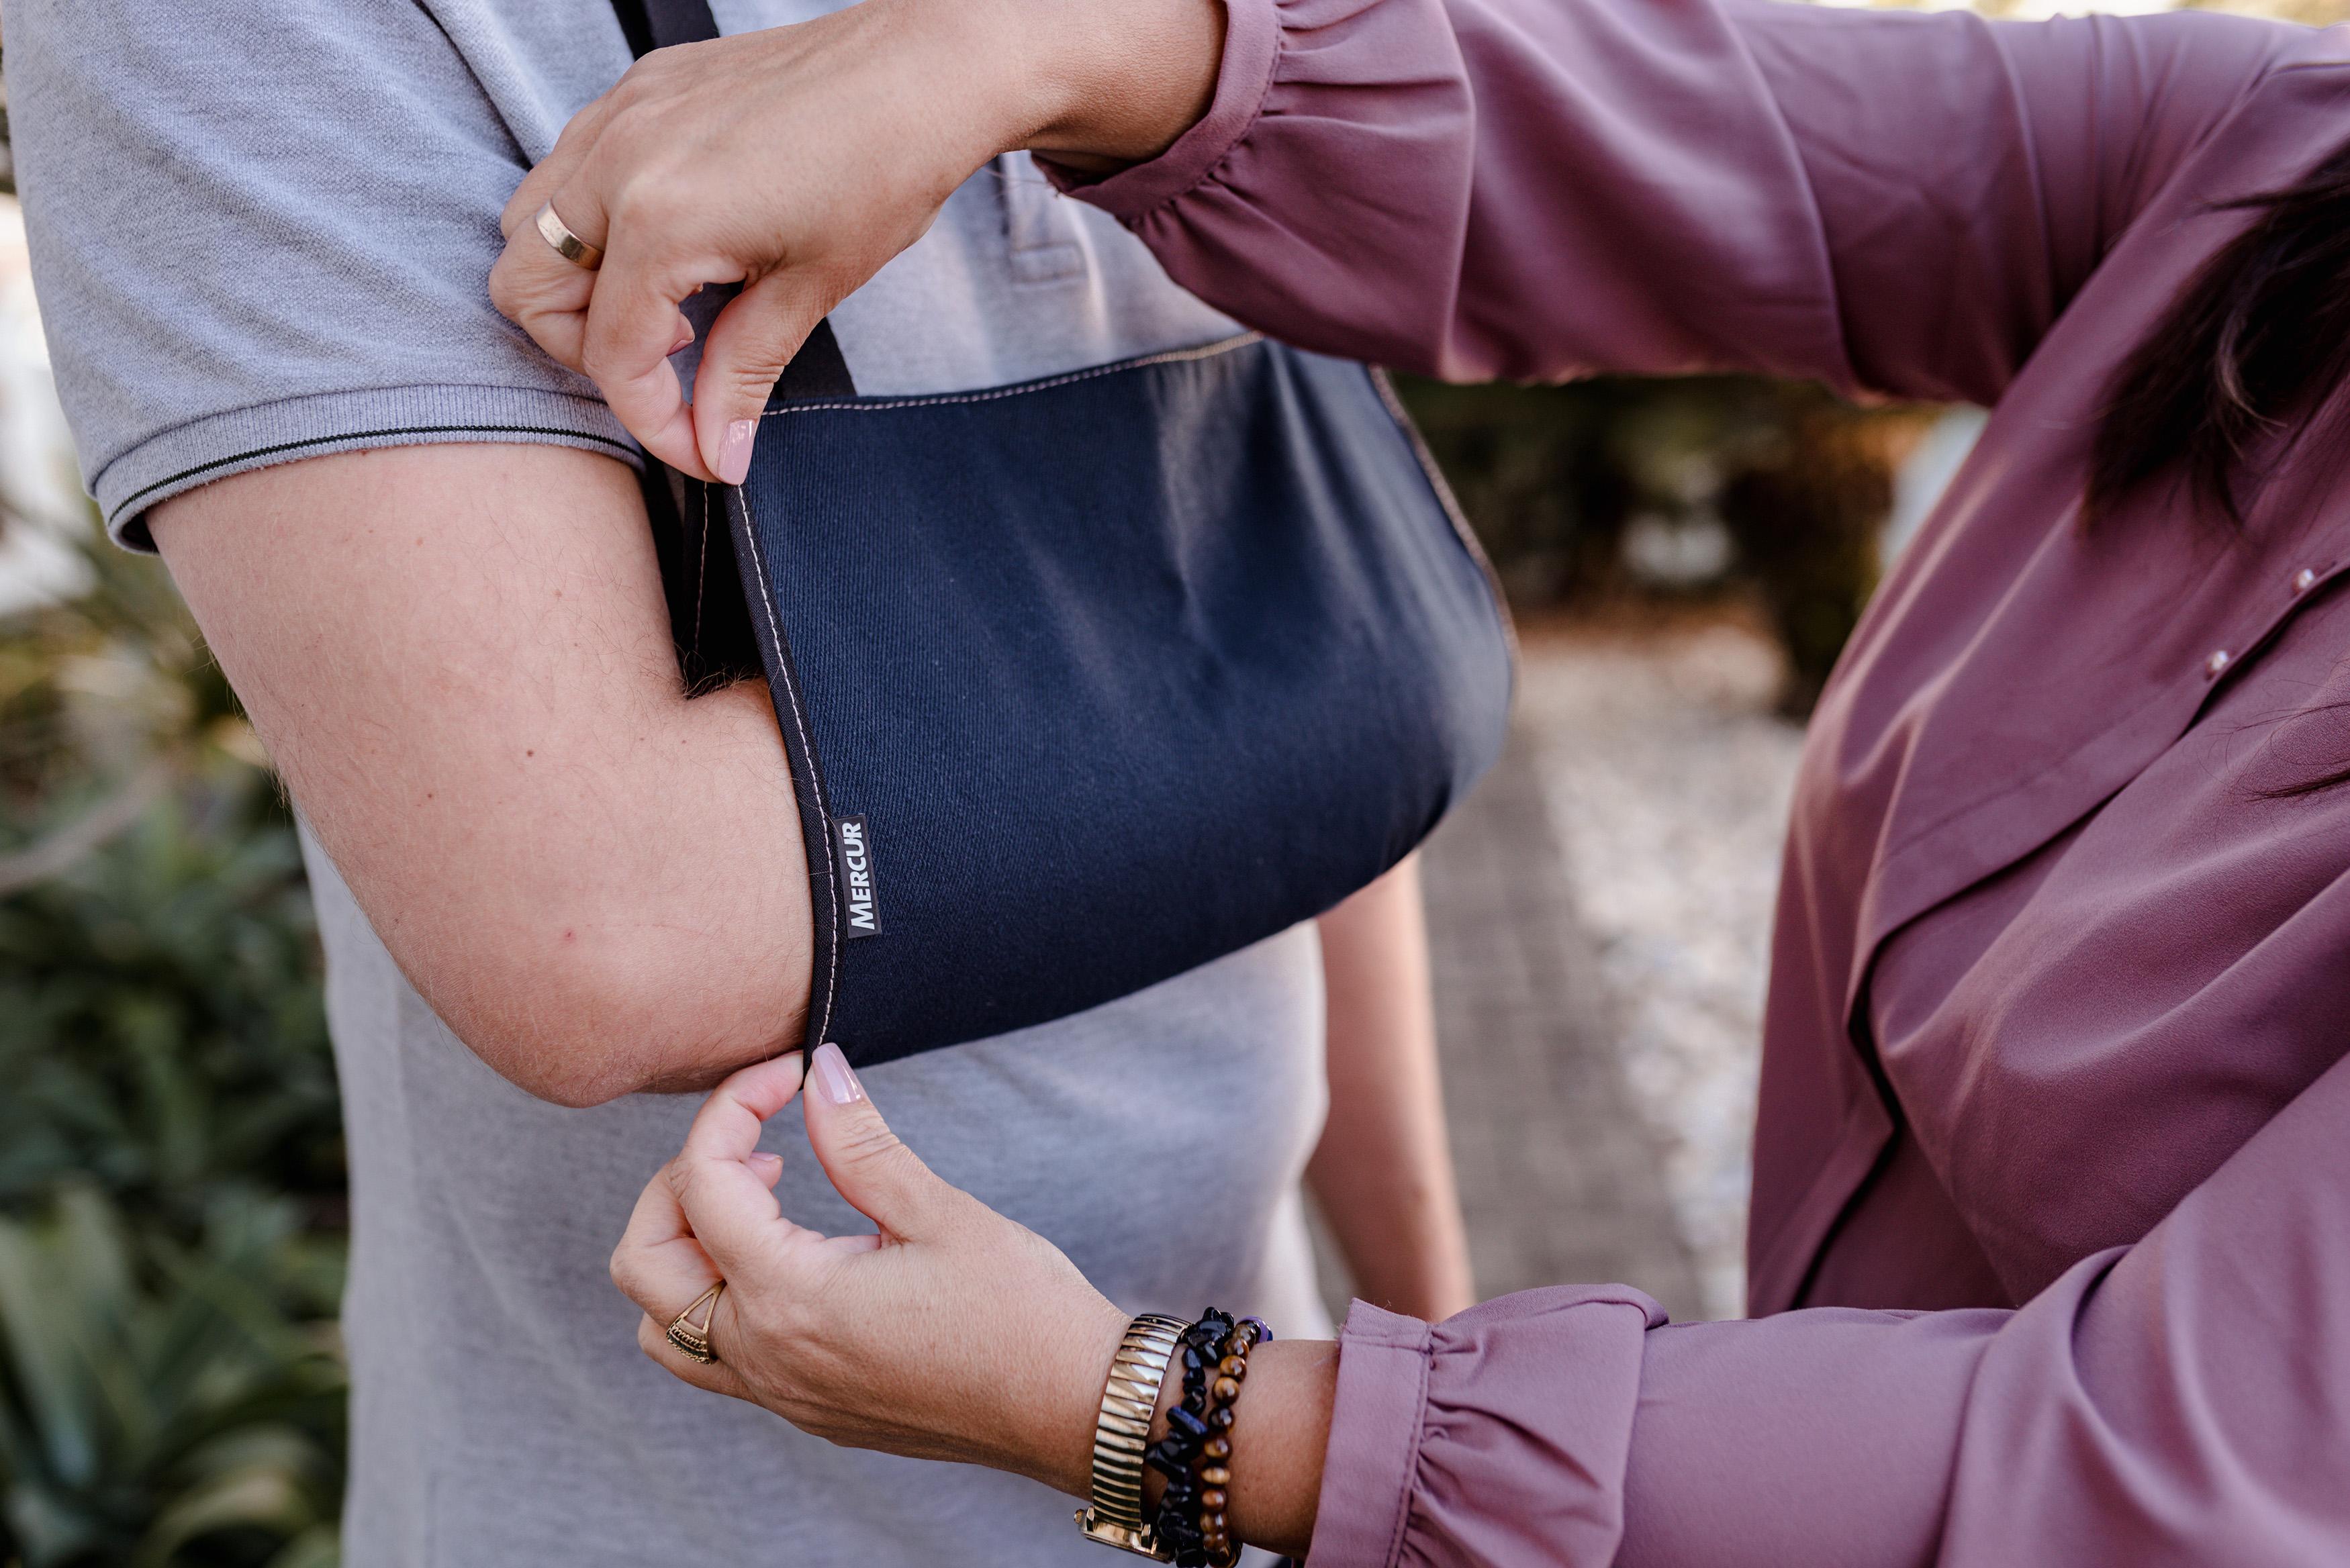 Usando tipoia: cuidados para não prejudicar outras partes do corpo durante a reabilitação